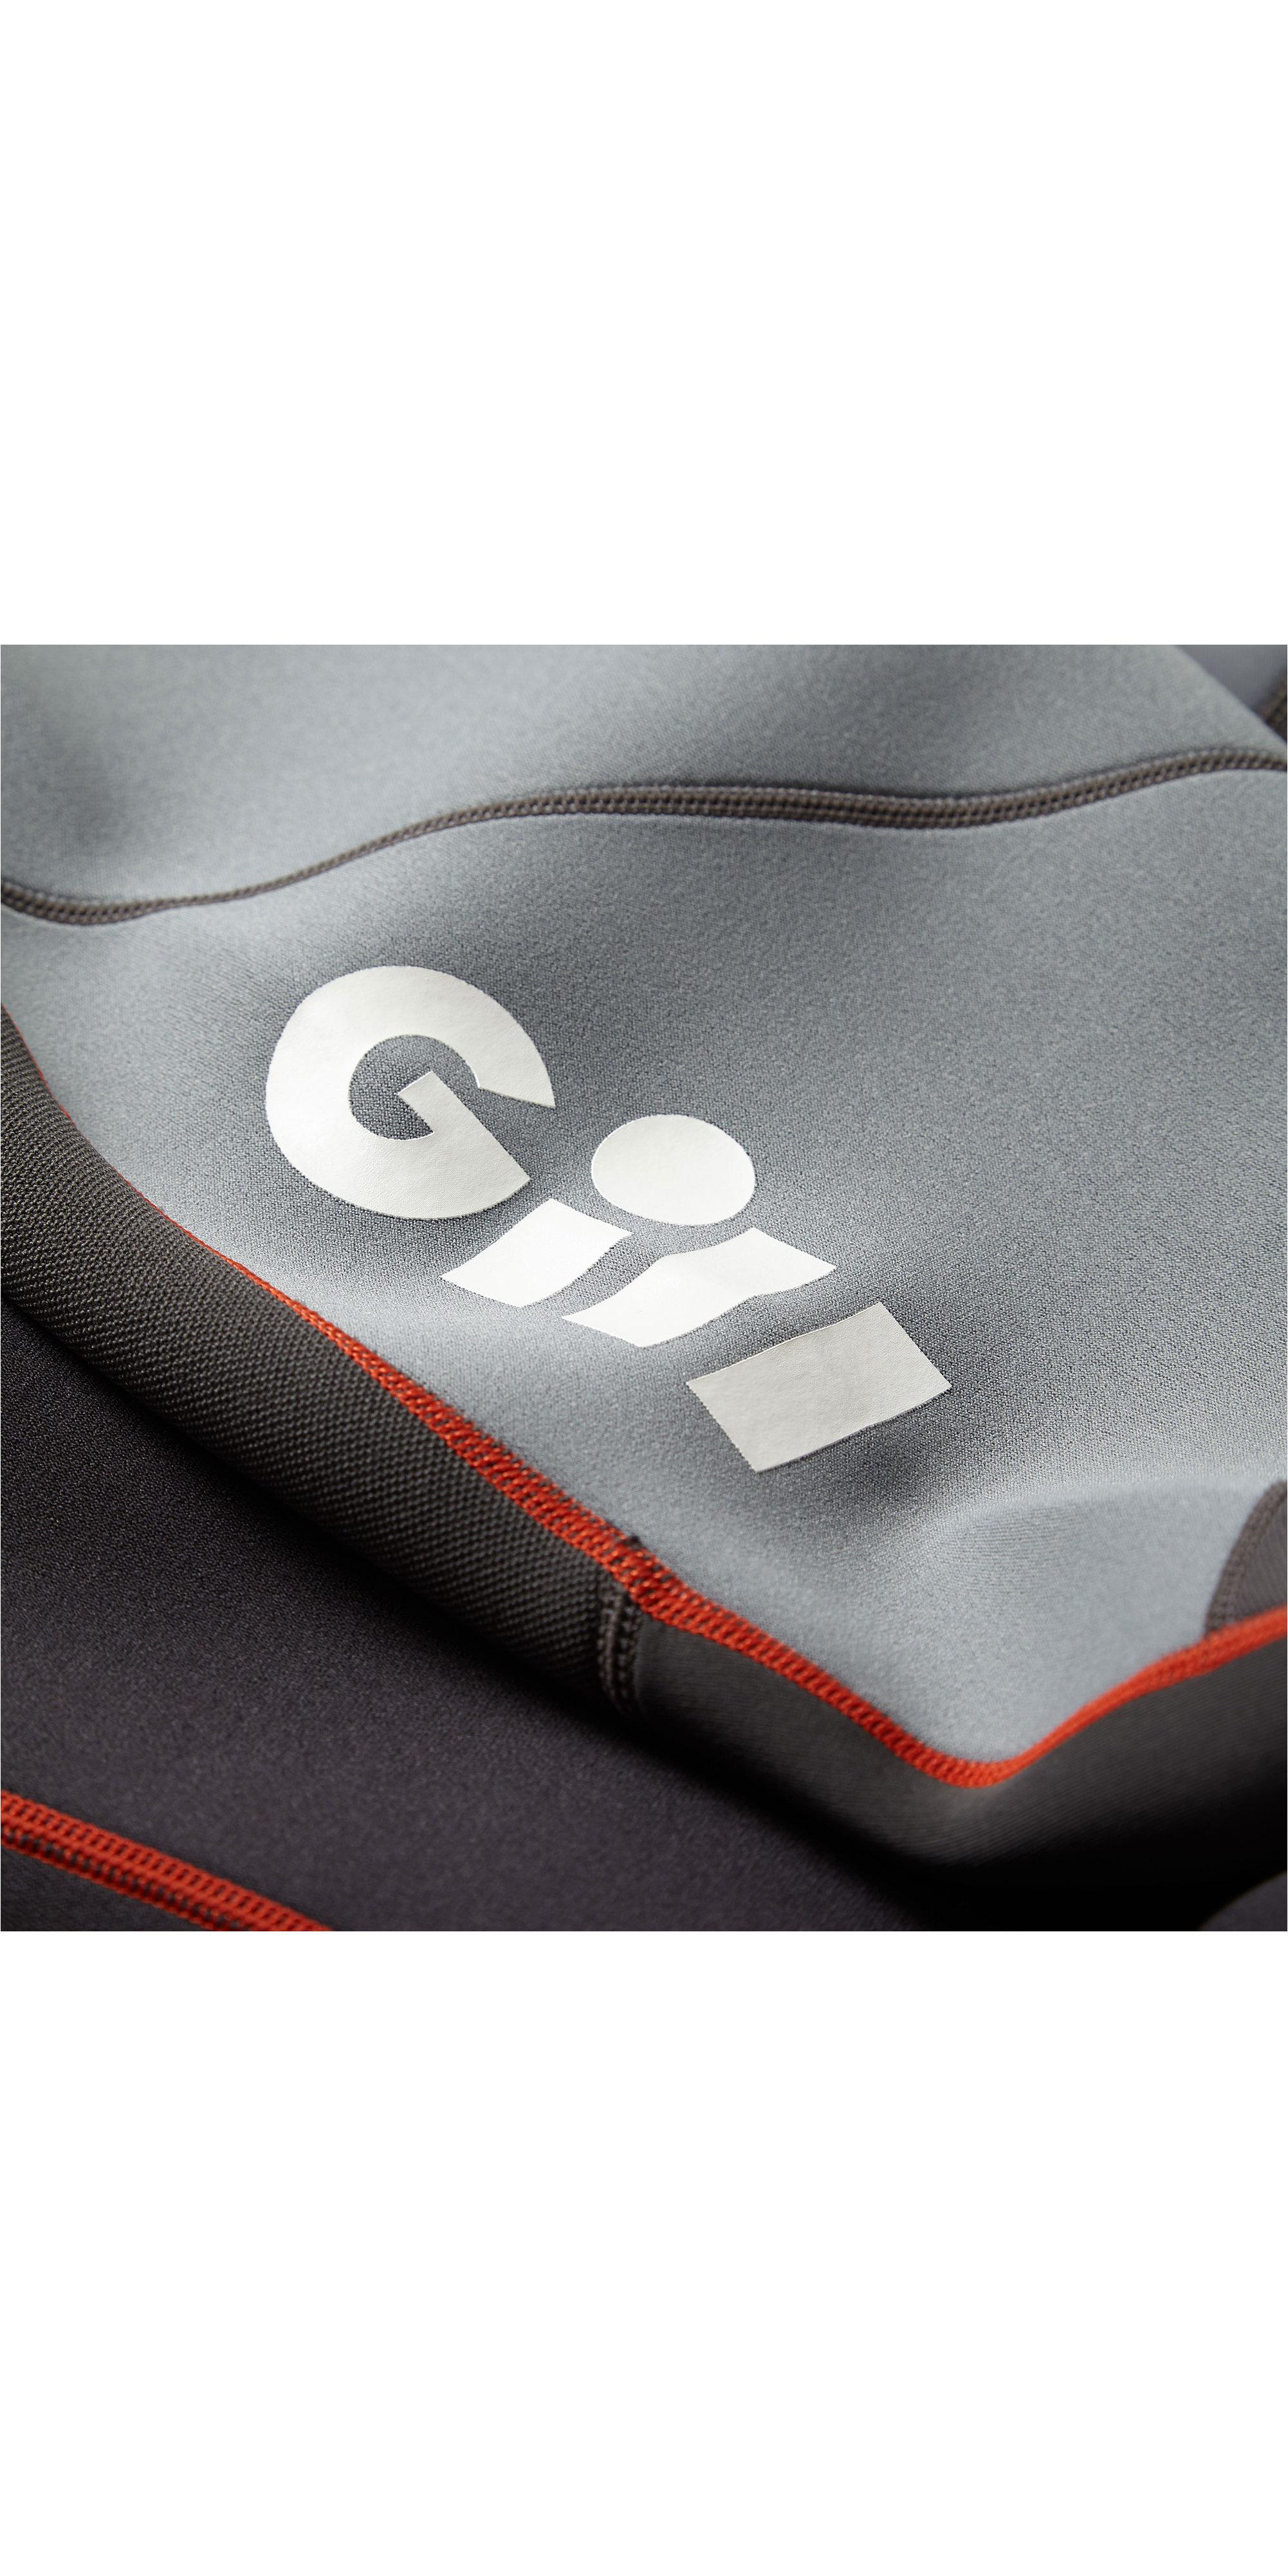 2020 Gill Heren Zenlite 2mm Flatlock Neopreen Broek 5005 Staalgrijs